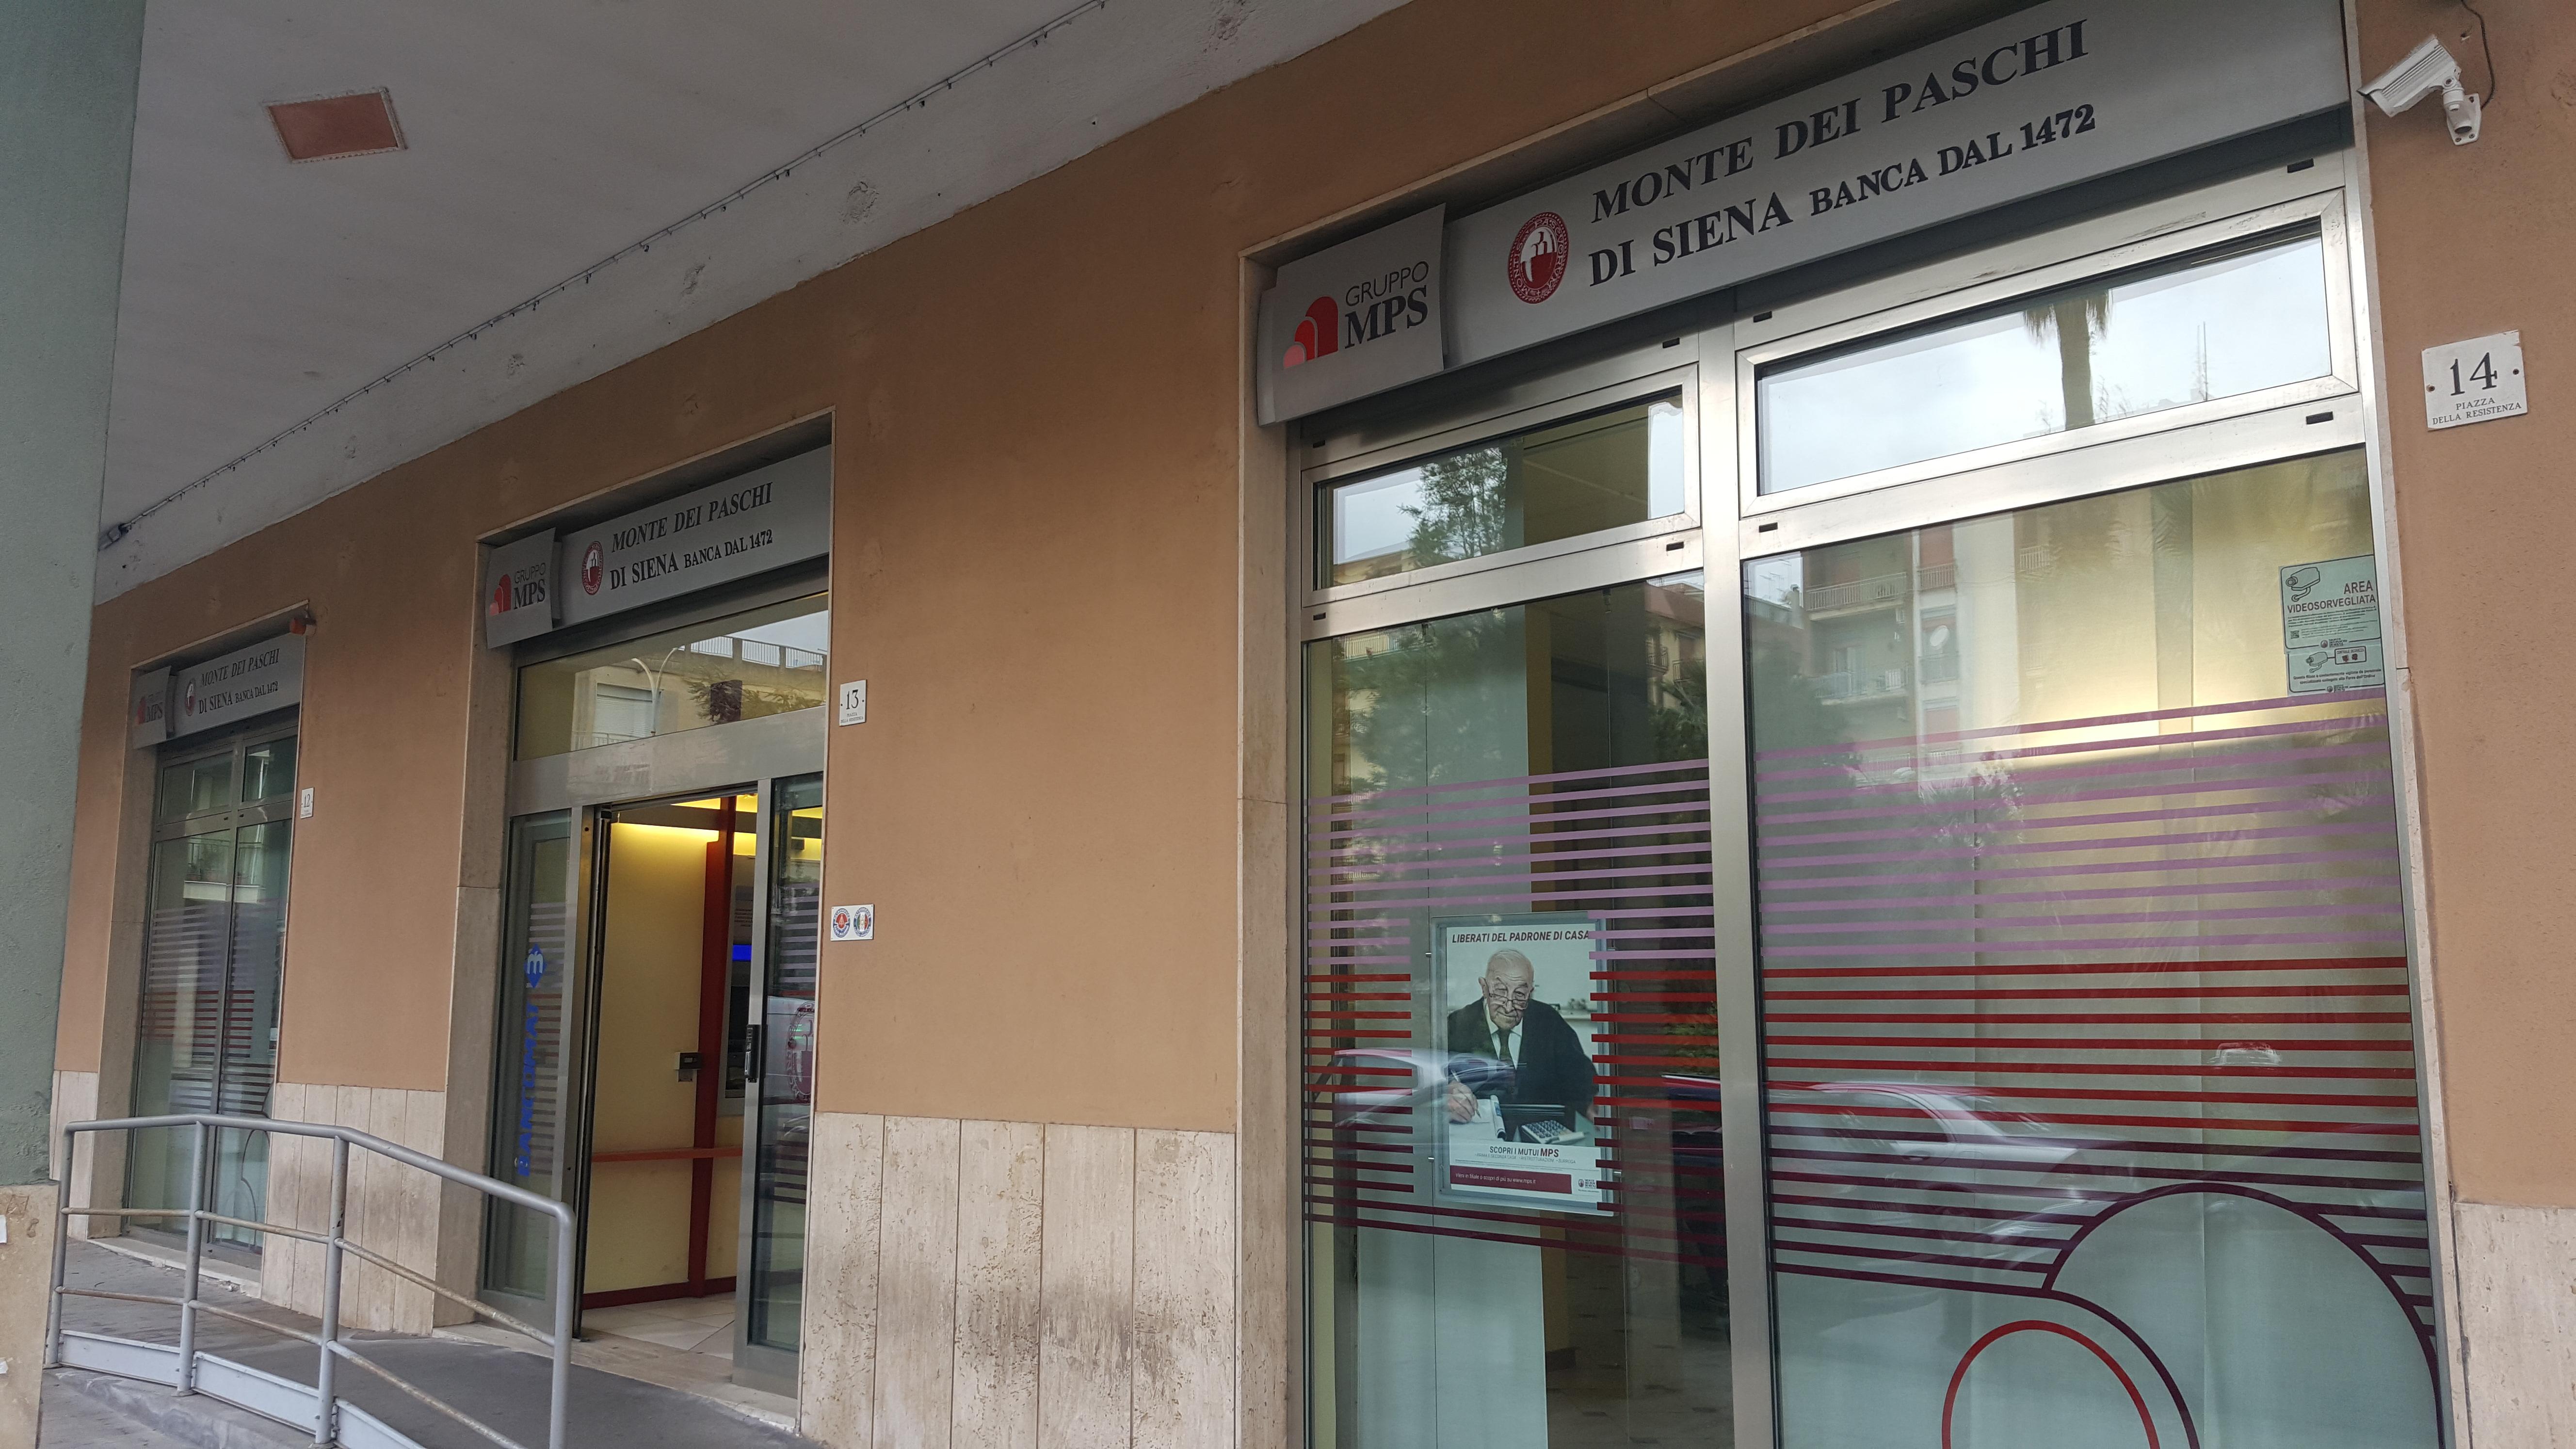 Lentini, Questa mattina in due  rapinano la Banca Monti dei Paschi di Siena. Indagini della Polizia.